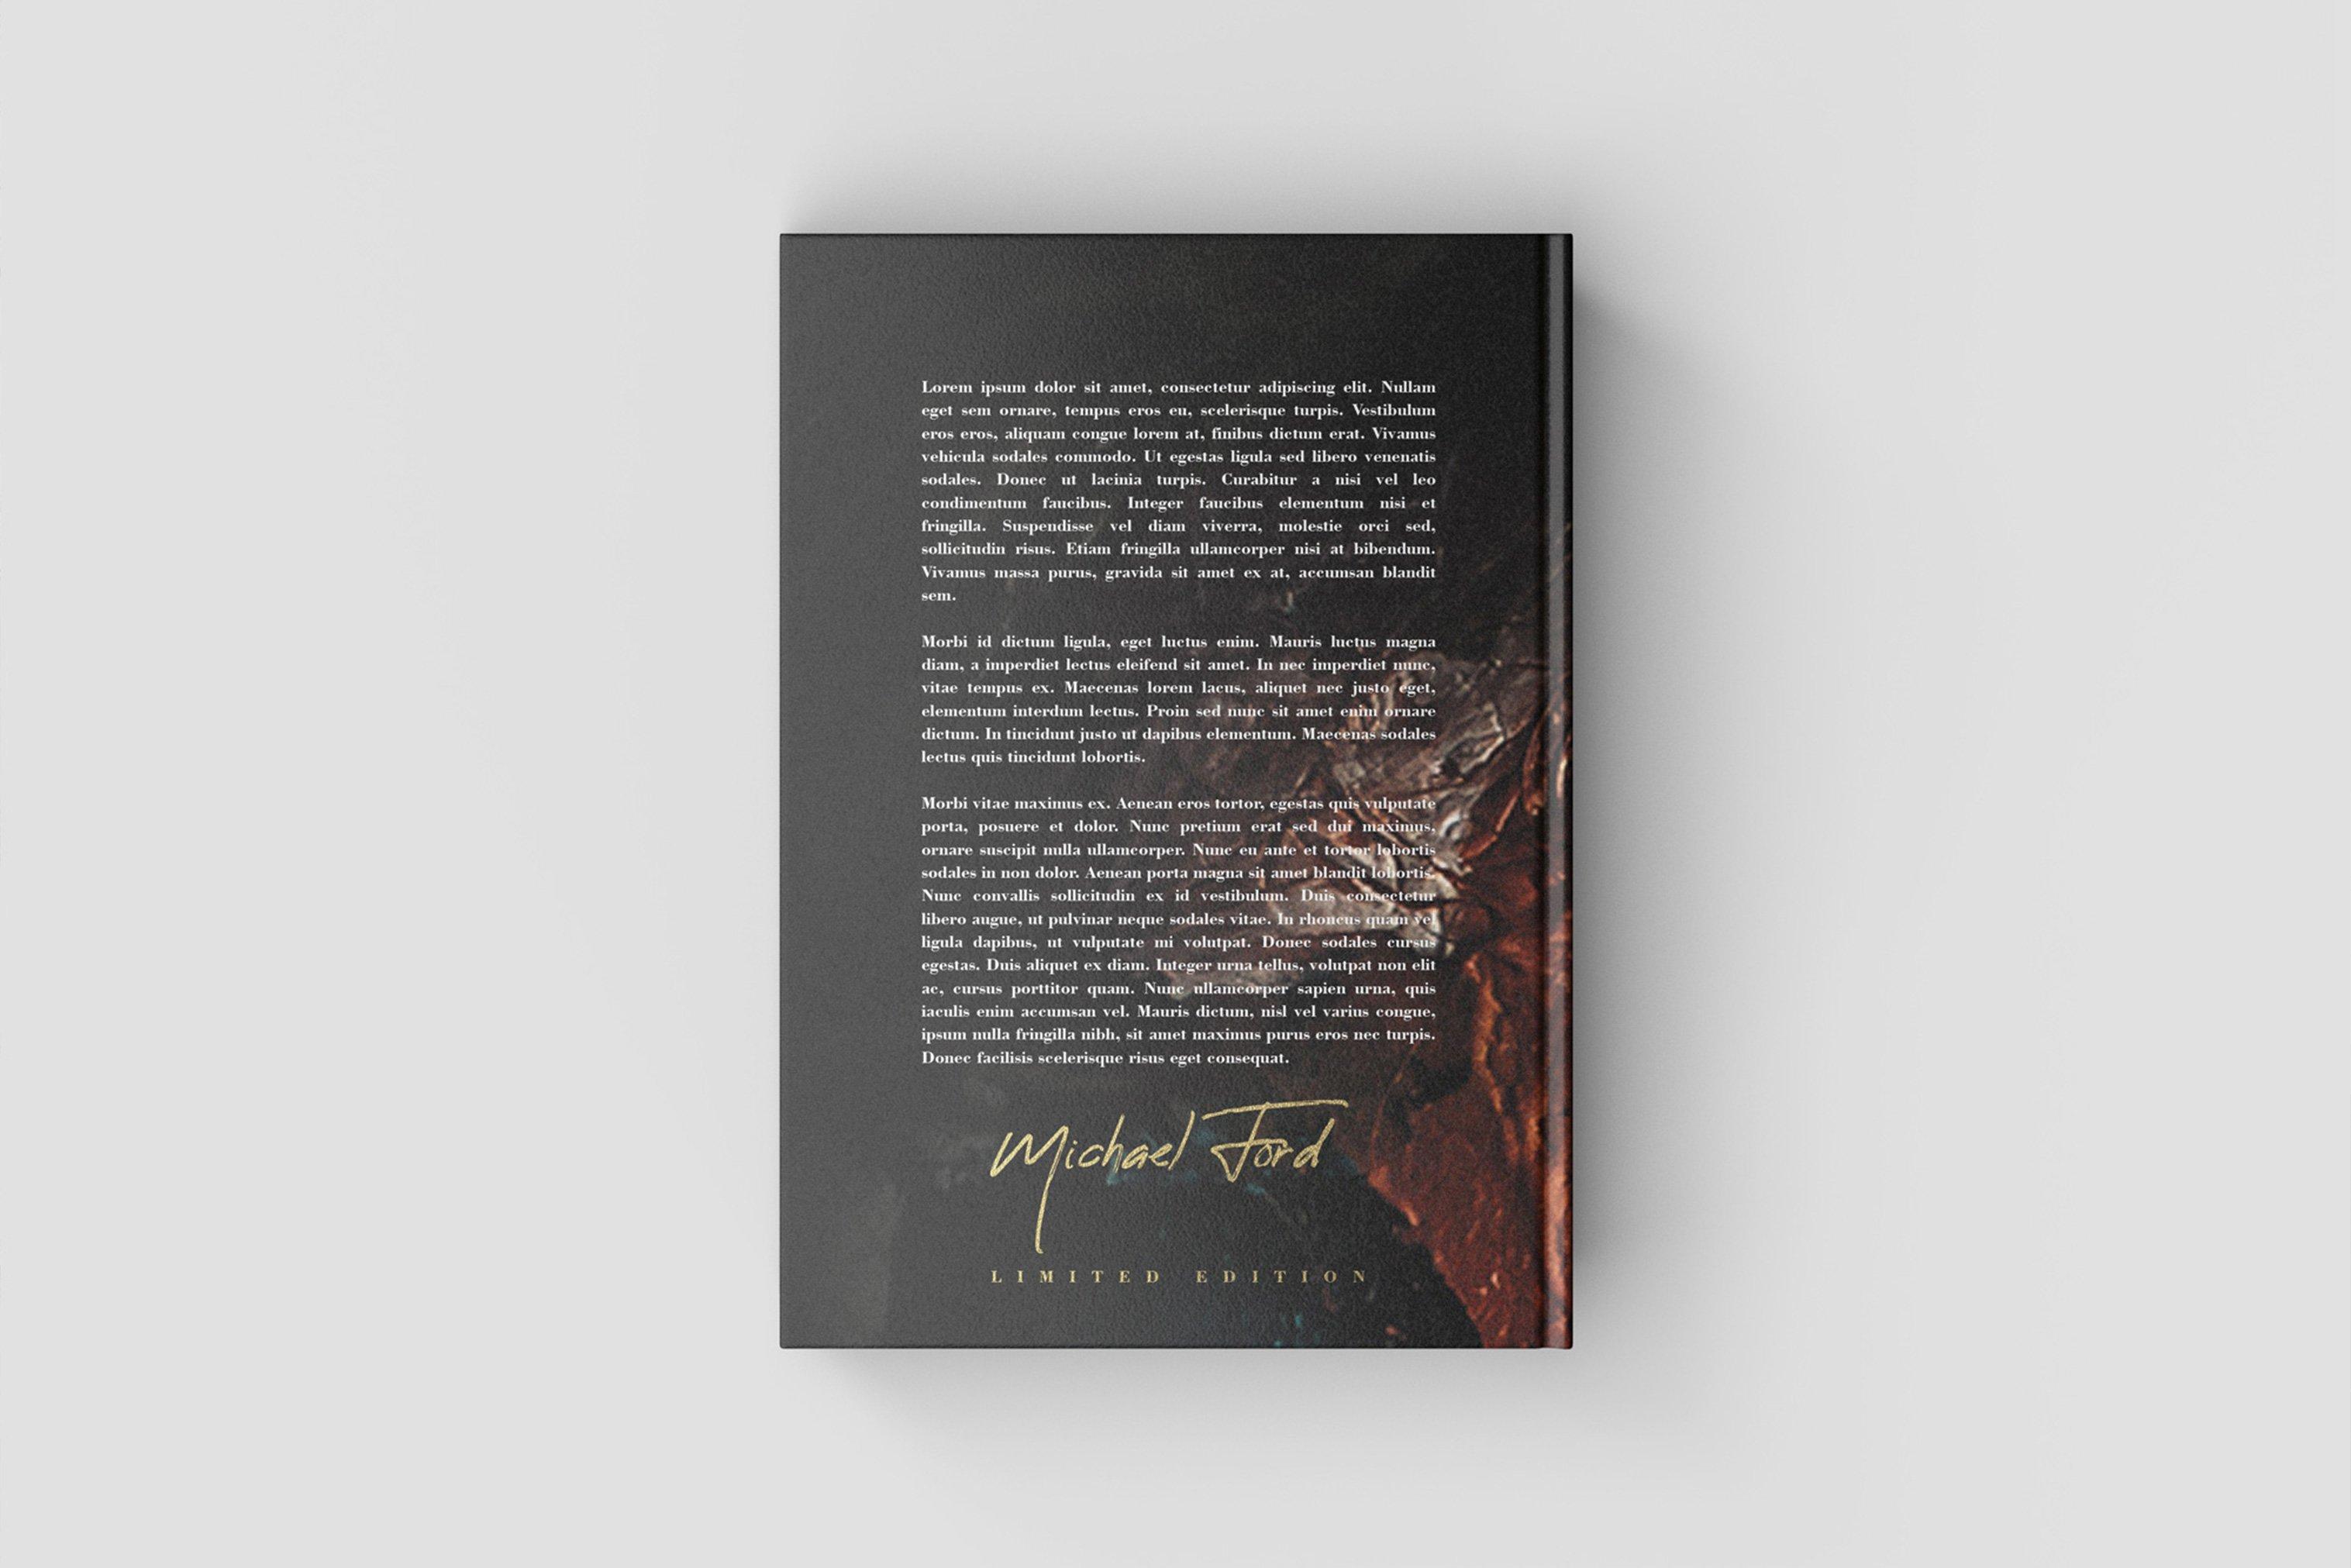 7款精装书封面设计展示样机模板集 Book Cover Mockup Set插图(3)